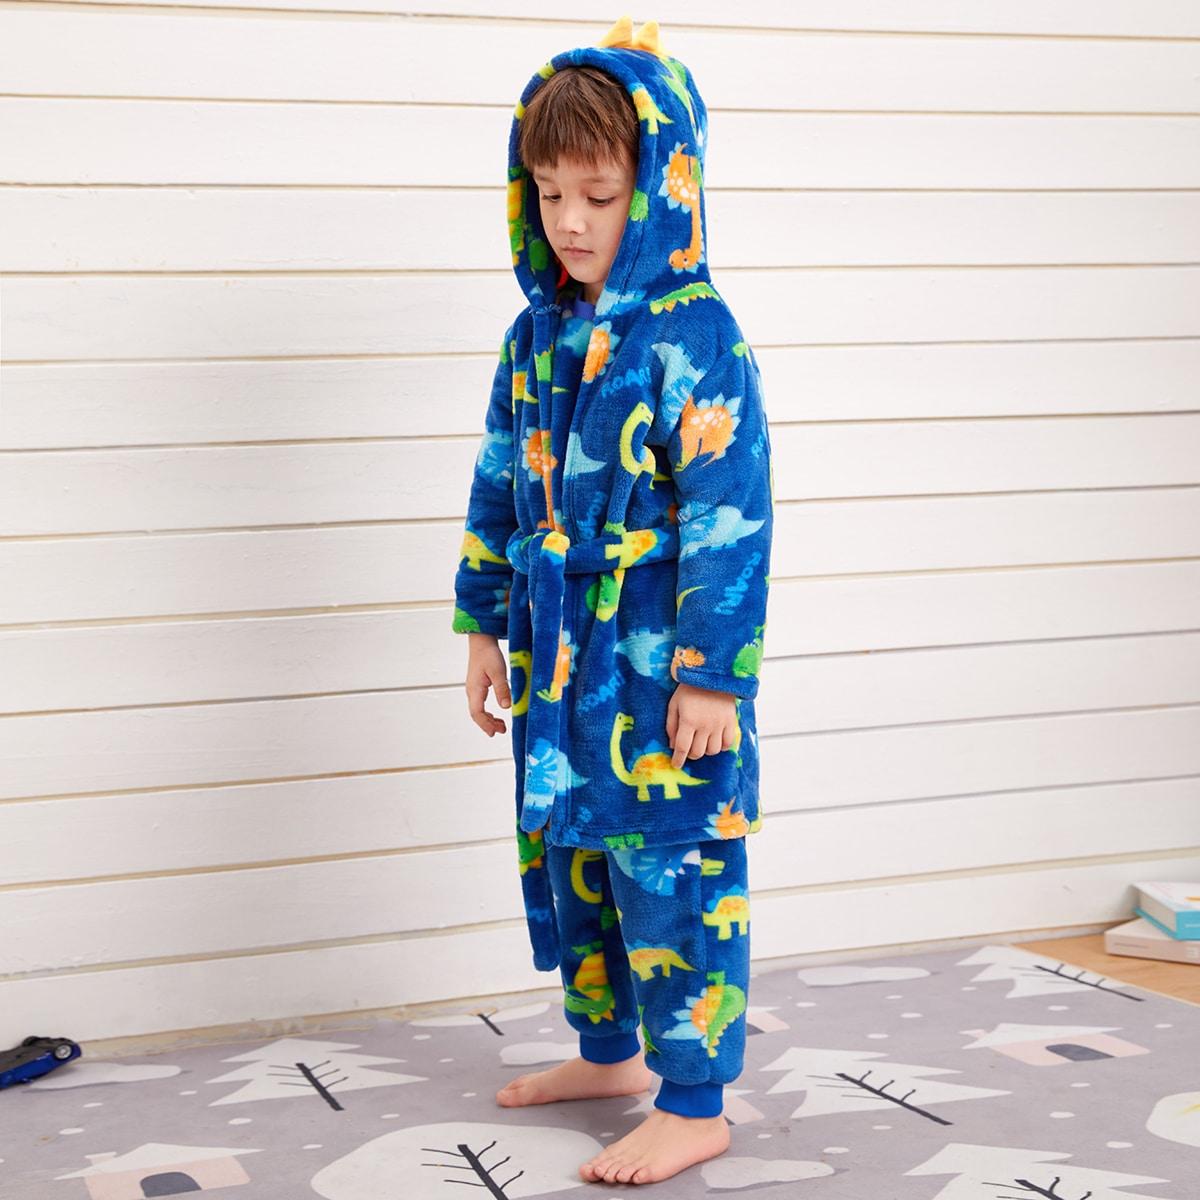 Фланелевый халат с капюшоном, поясом и мультипликационным принтом для мальчиков